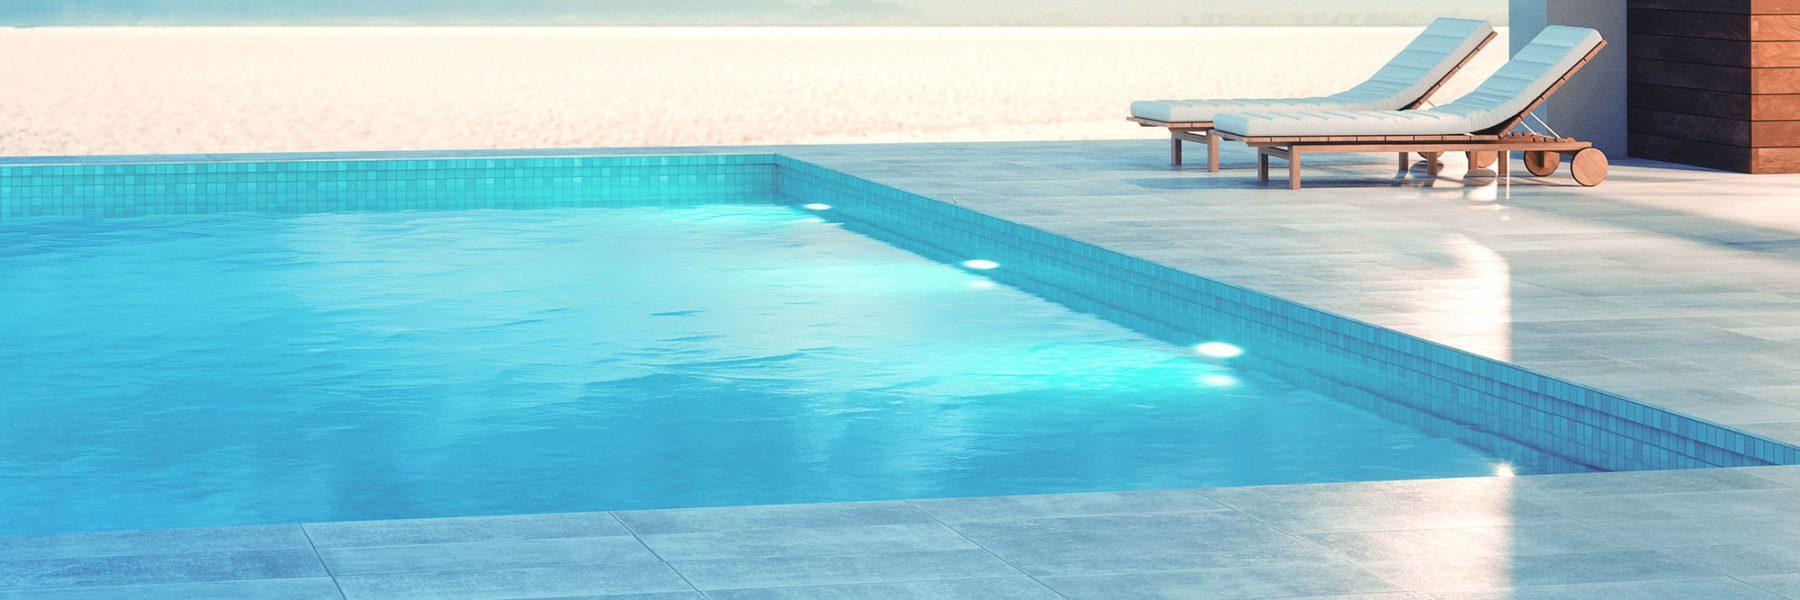 Construction de piscine béton armé. Piscines privées et collectives. Coffrage perdu, pour la construction de piscine extérieure, intérieure